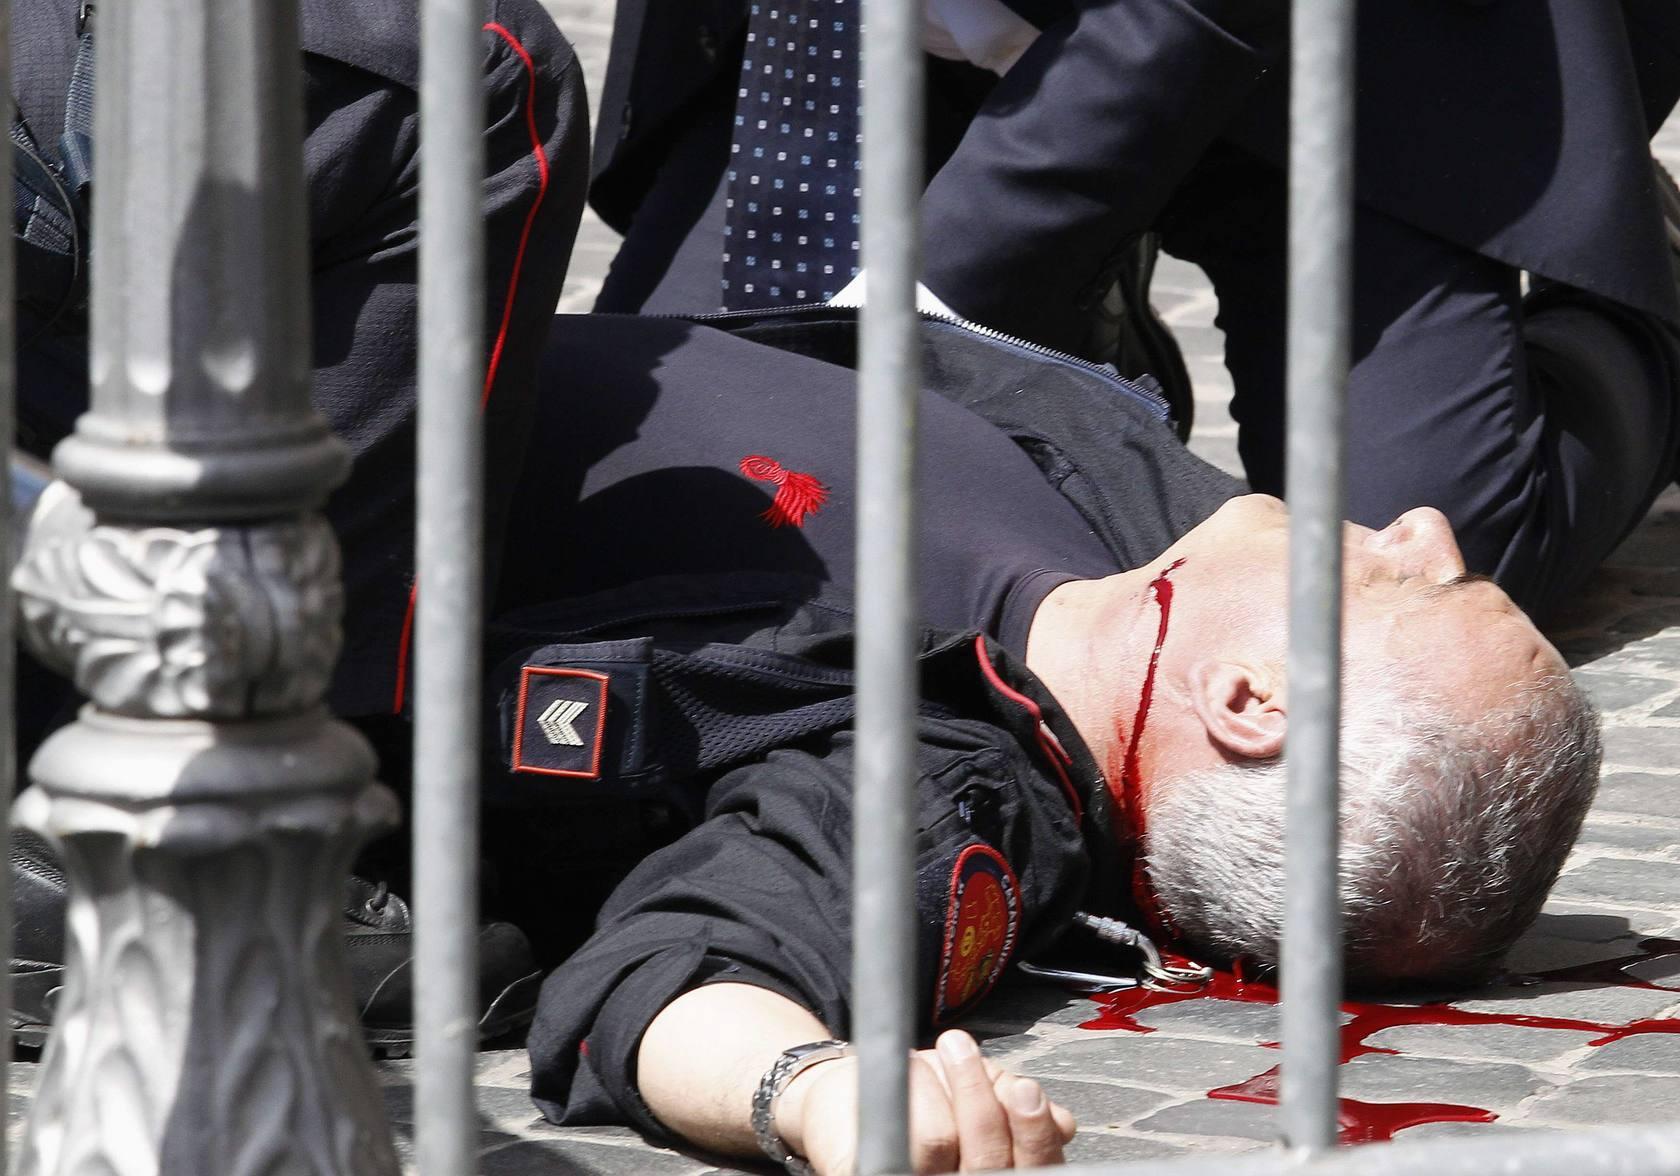 Tiroteo en Roma durante la jura del nuevo Gobierno